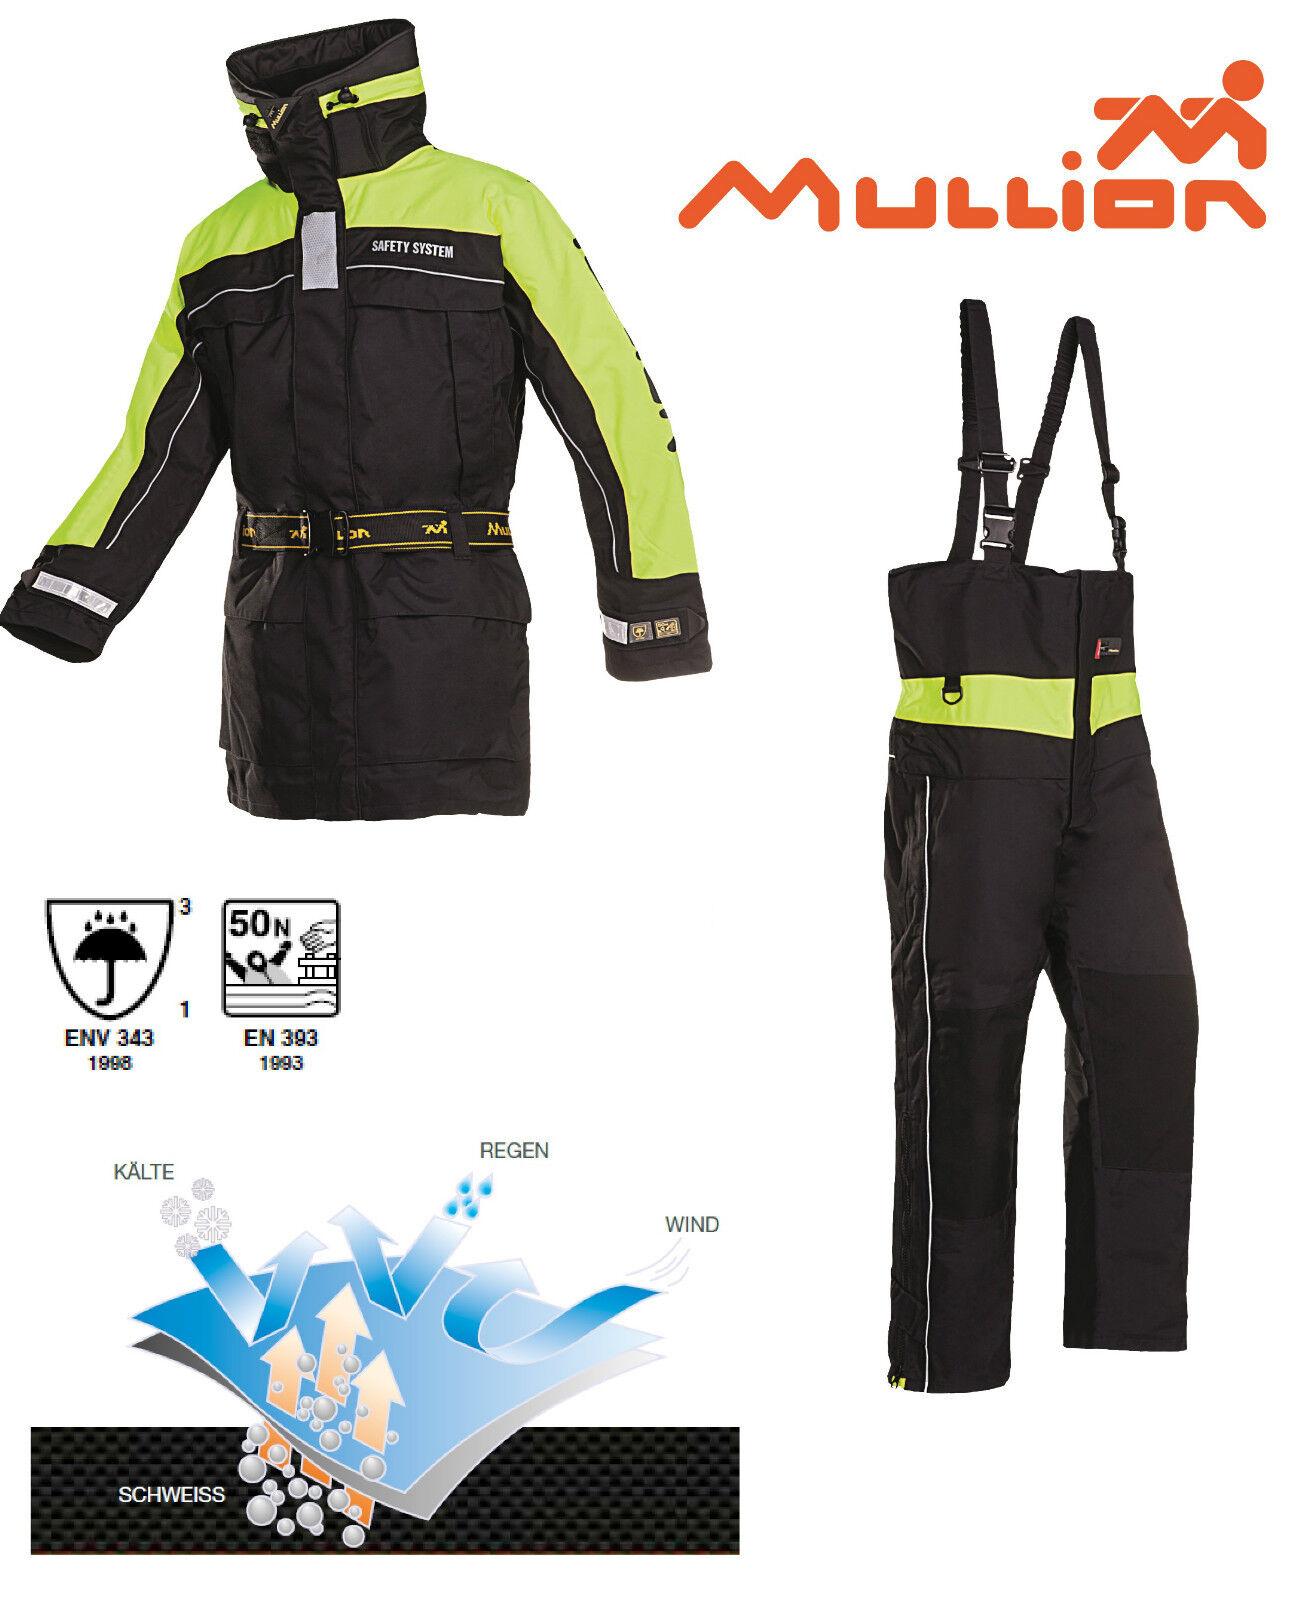 Mullion X5000 Schwimmanzug als 2.teiler    Atmungsaktiv, Zweiteiler - Überlebens